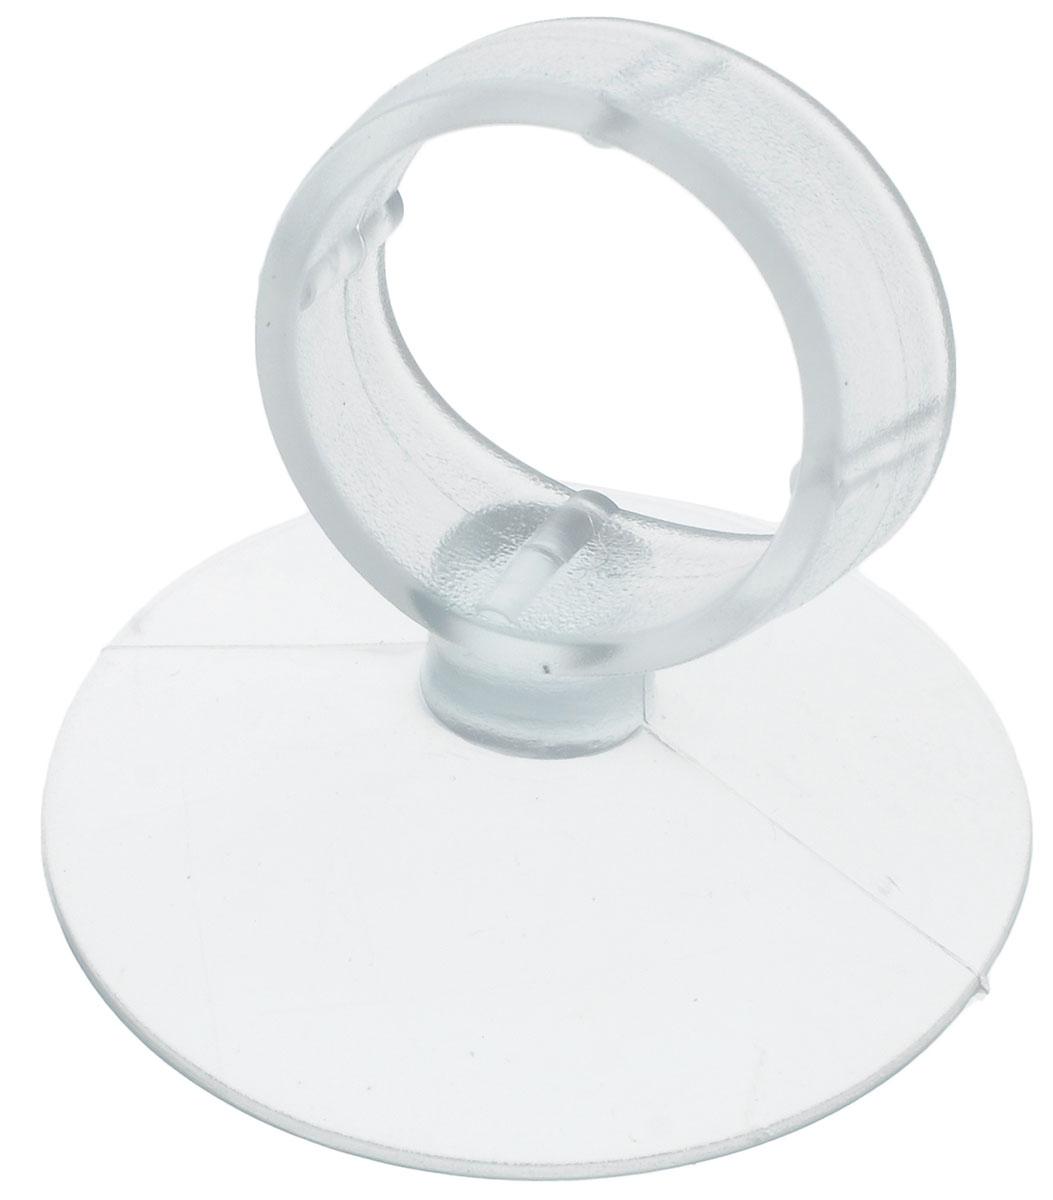 Присоска силиконовая Barbus, диаметр держателя 2,2 см0120710Присоска Barbus выполнена из высококачественного силикона. Предназначена присоска для установки фильтров, помп, нагревателей и других аквариумных аксессуаров. Диаметр присоски: 4 см.Диаметр держателя: 2,2 см.